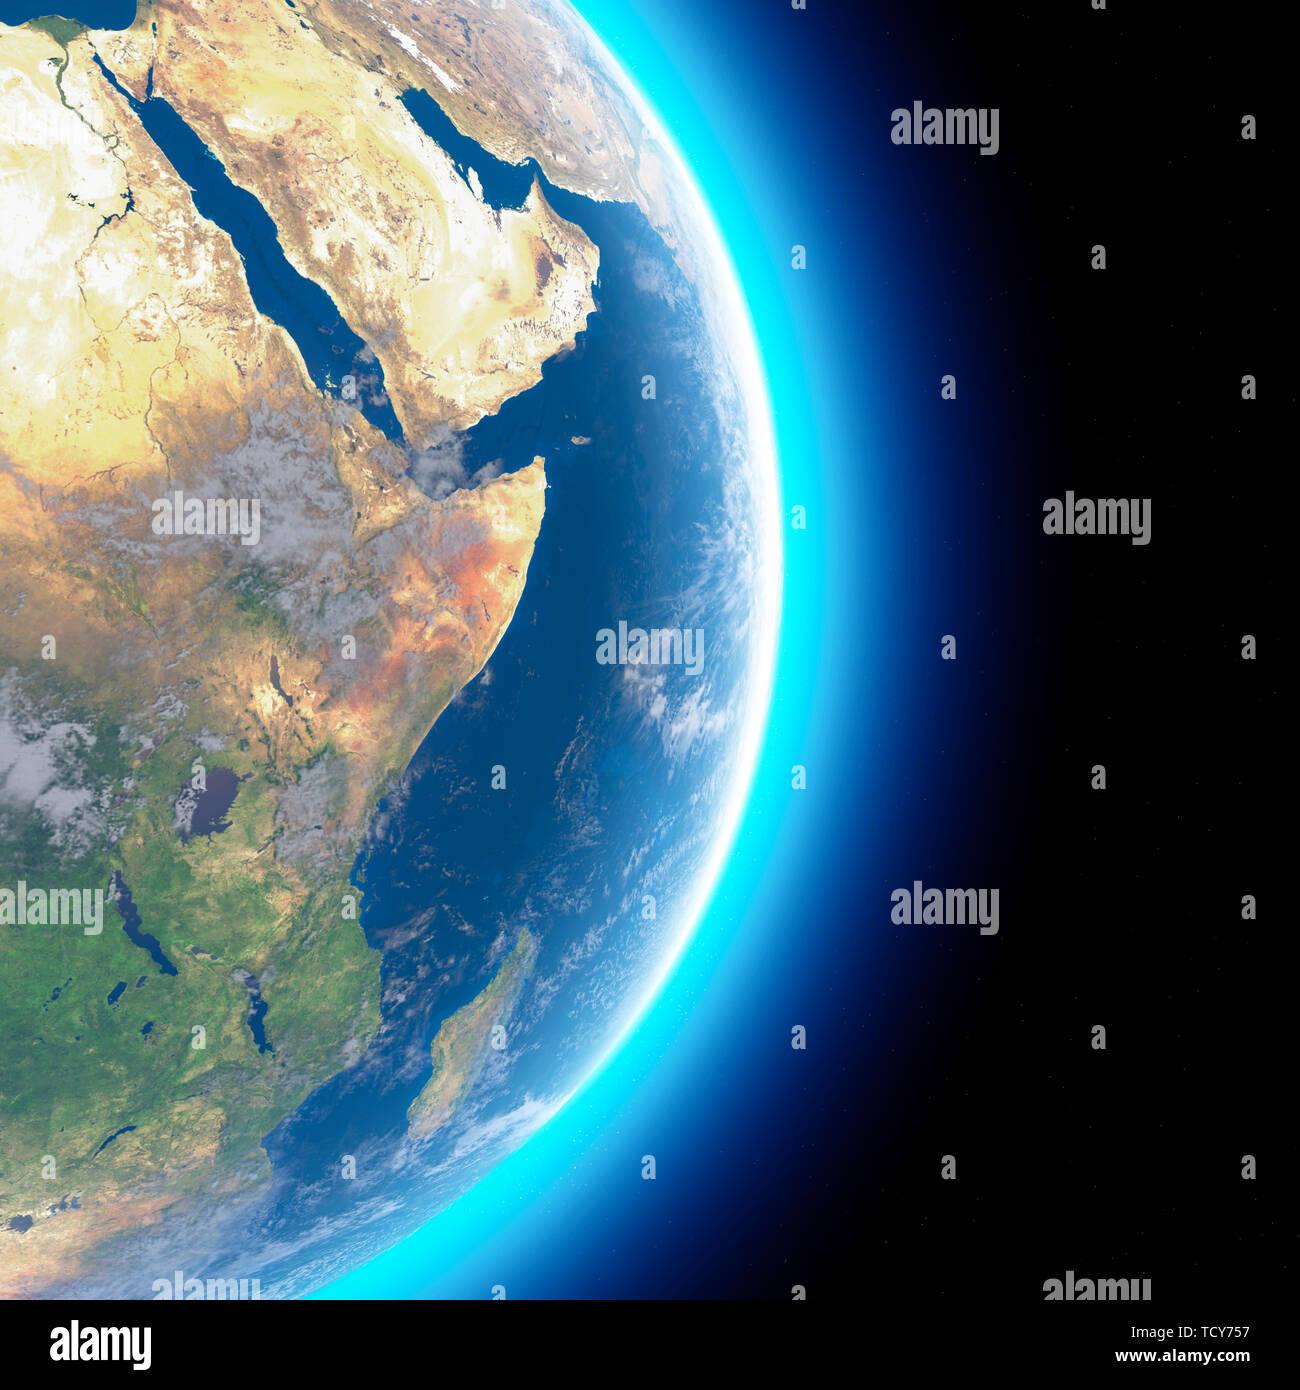 Medio Oriente Cartina Fisica.Cartina Fisica Del Mondo Vista Satellitare Del Medio Oriente Africa Asia Globo Emisfero Rilievi E Oceani Il Rendering 3d Foto Stock Alamy